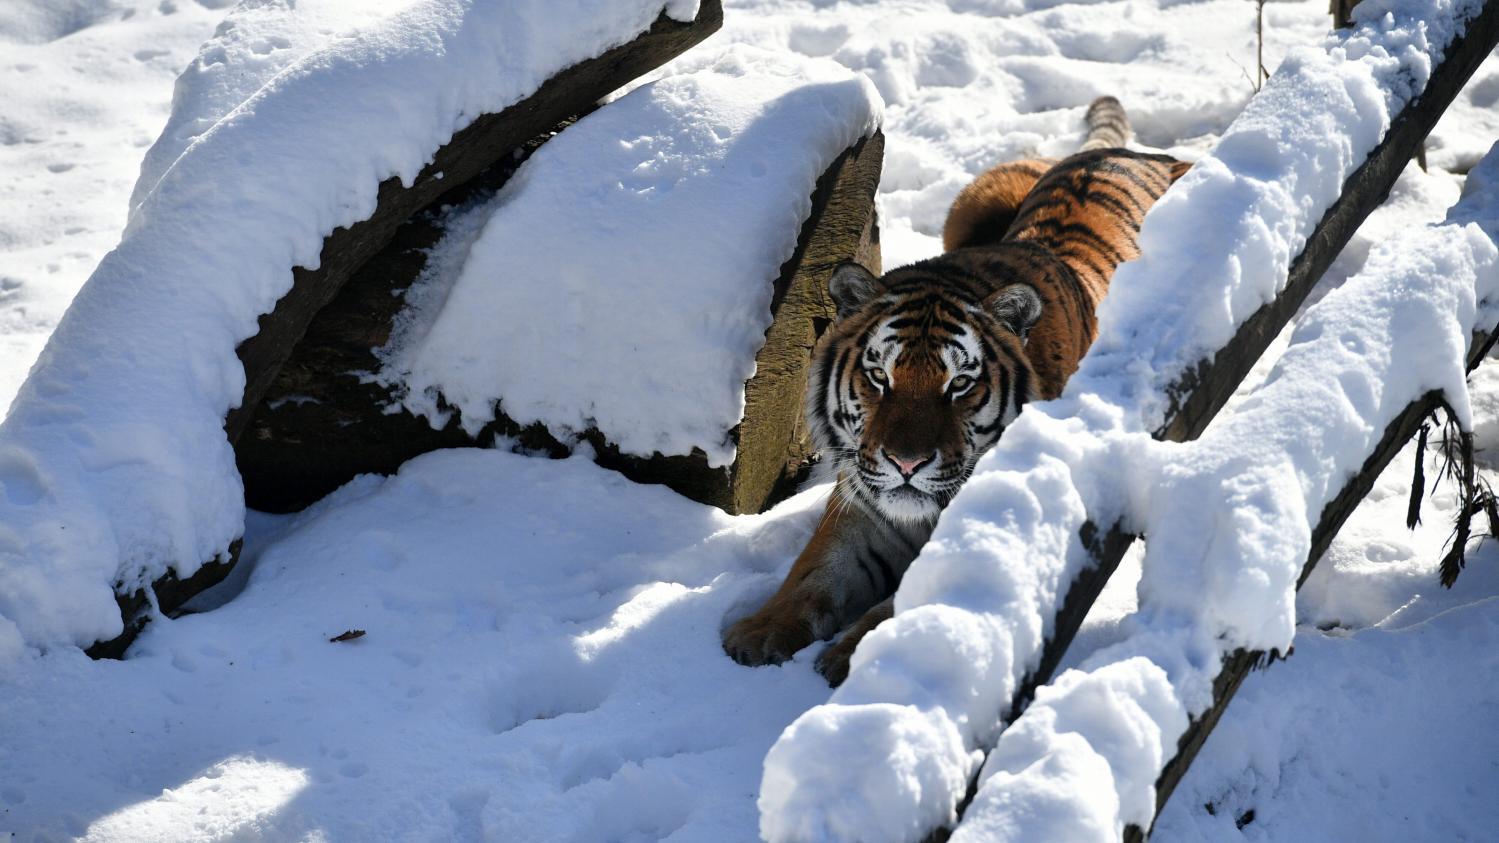 A nous marque le zoo de thoiry participe la sauvegarde for Zoo en yvelines